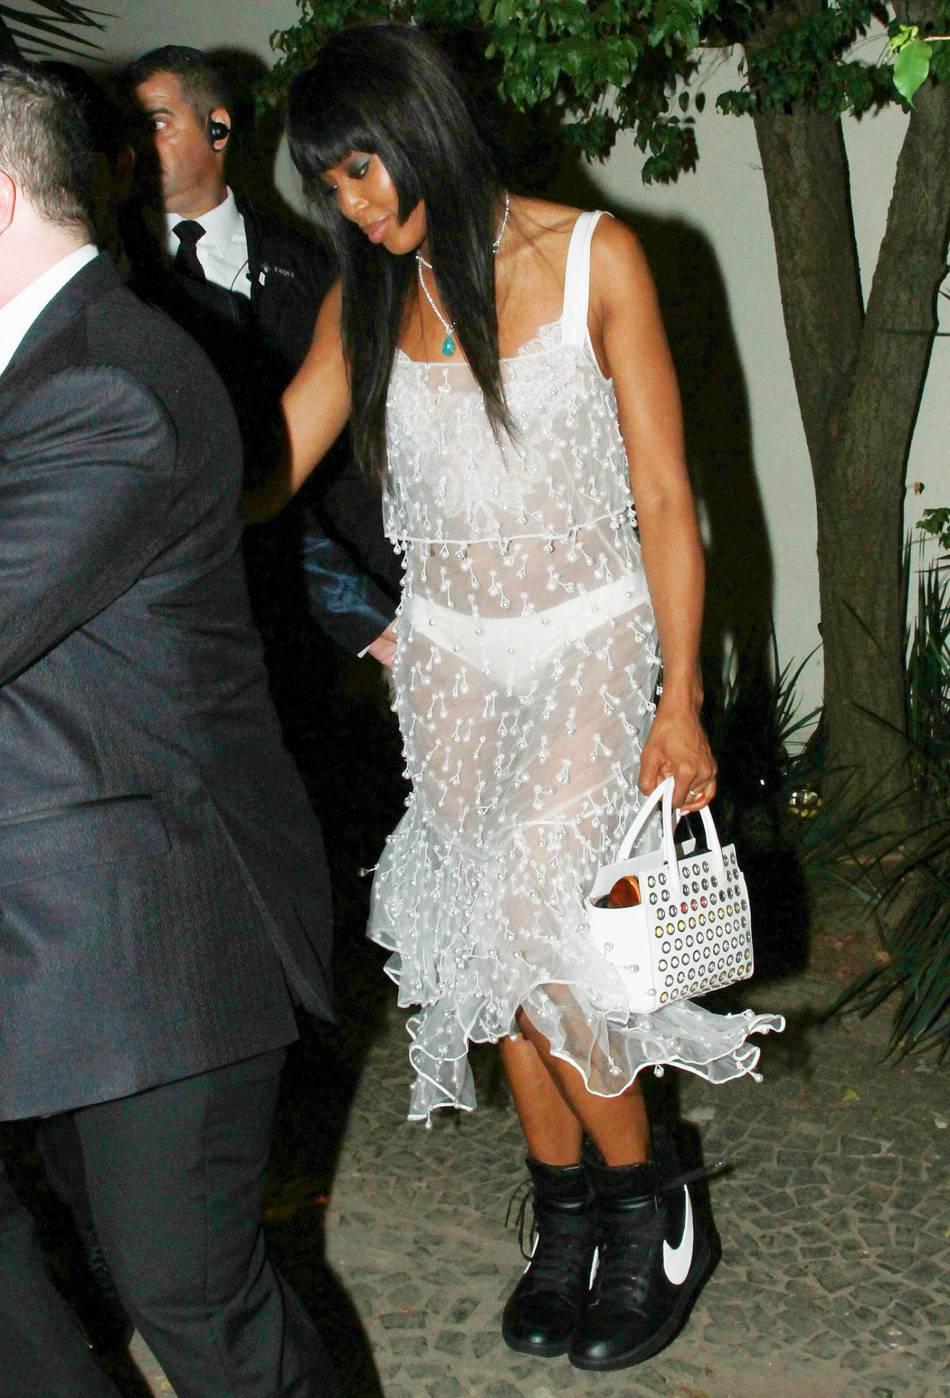 En dehors du tapis rouge, c'est avec une paire de Nike que Naomi Campbell accessoirise sa tenue.